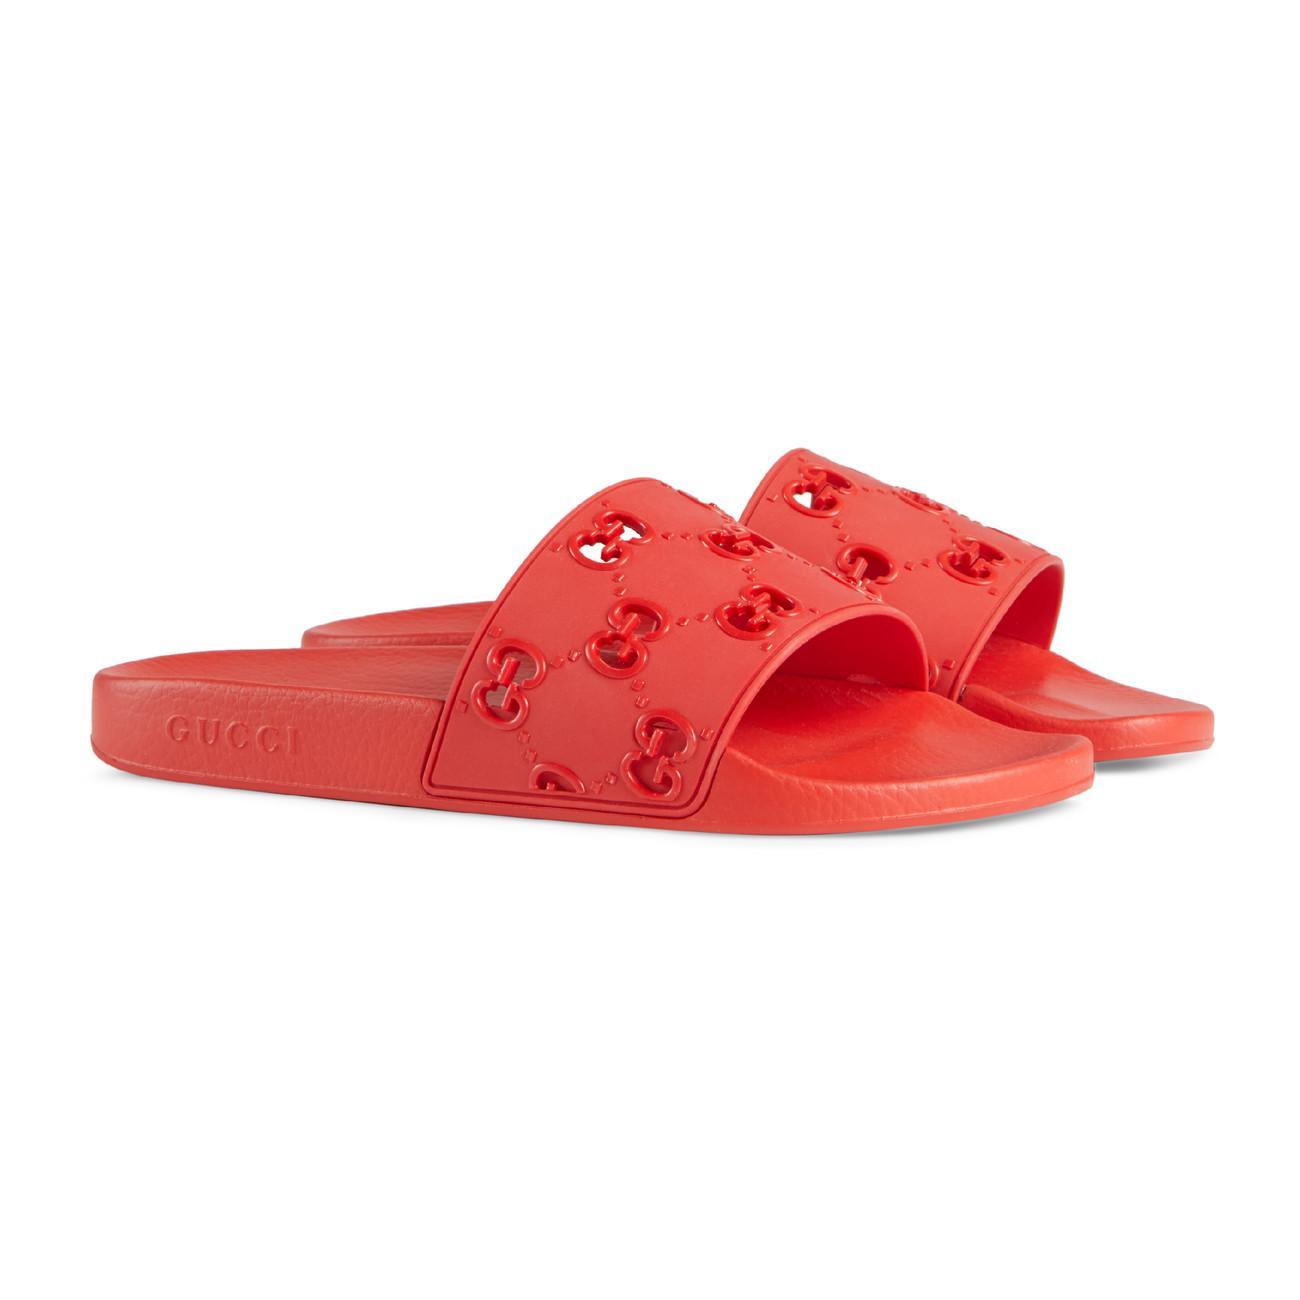 0974cf3d786 Gucci - Red Men s Rubber GG Slide Sandal for Men - Lyst. View fullscreen